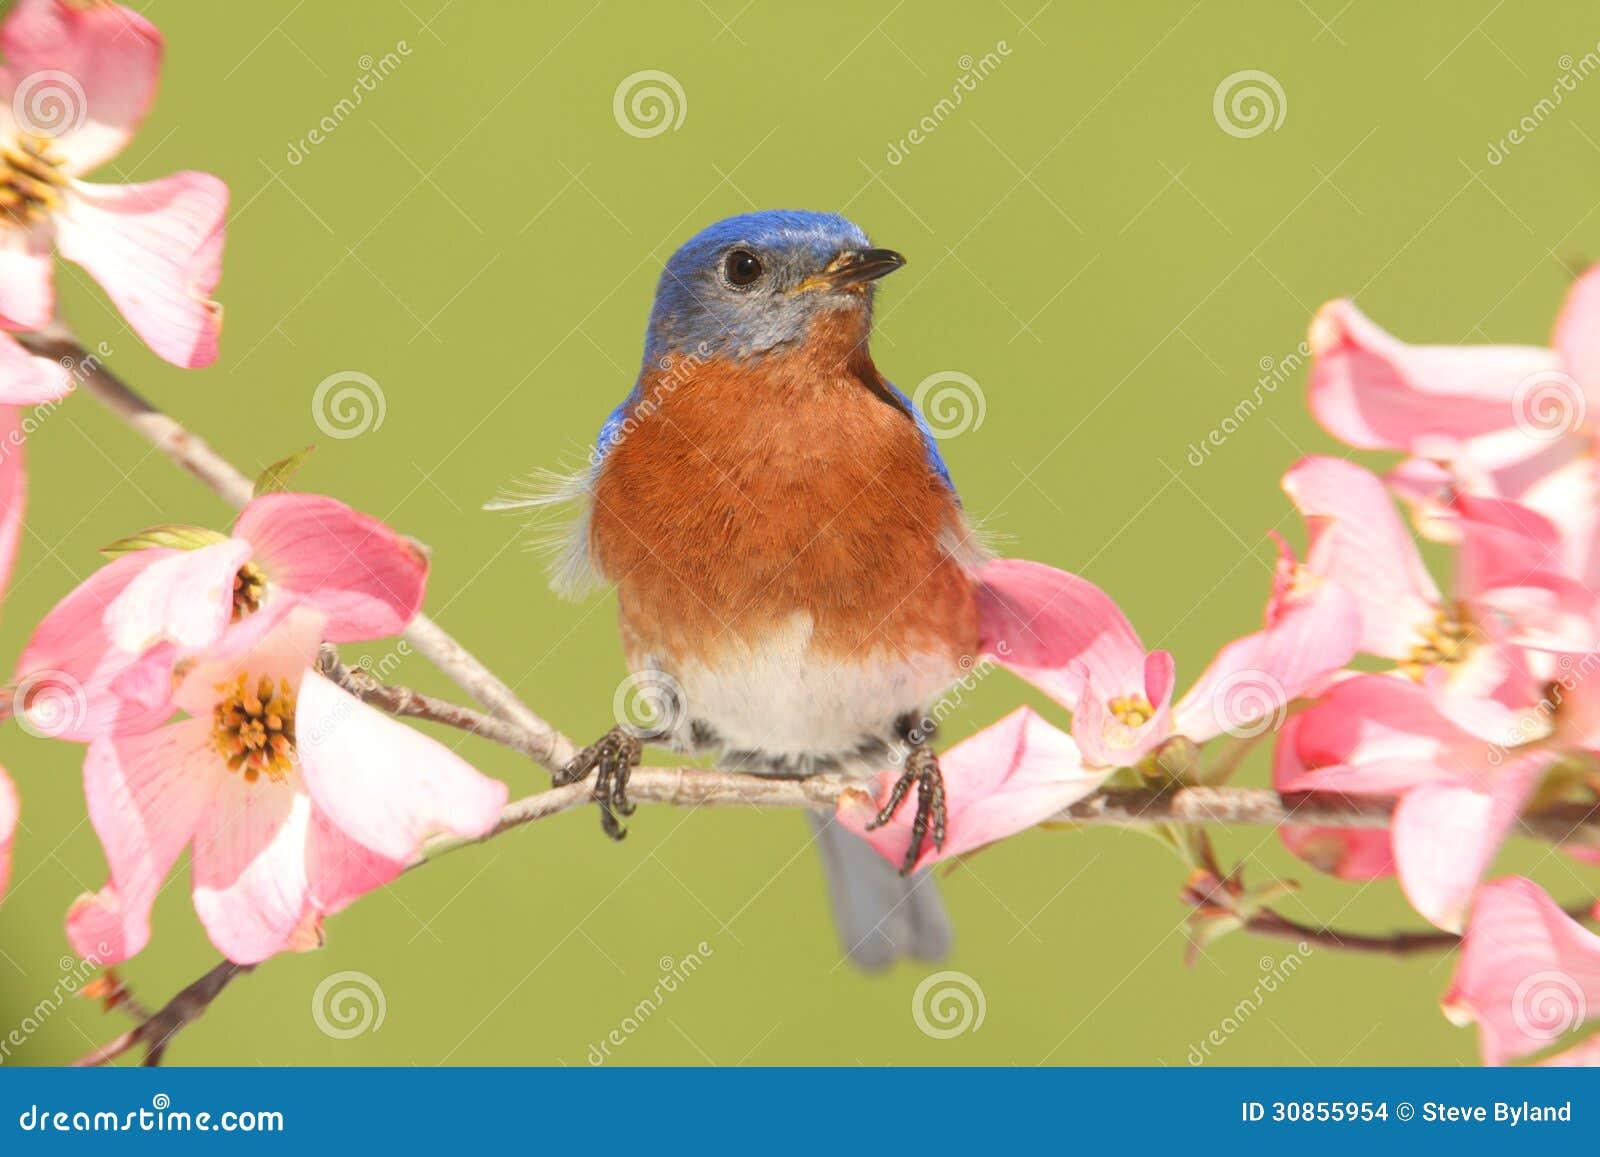 Uccellino azzurro con i fiori del corniolo fotografia - Immagini del cardellino orientale ...